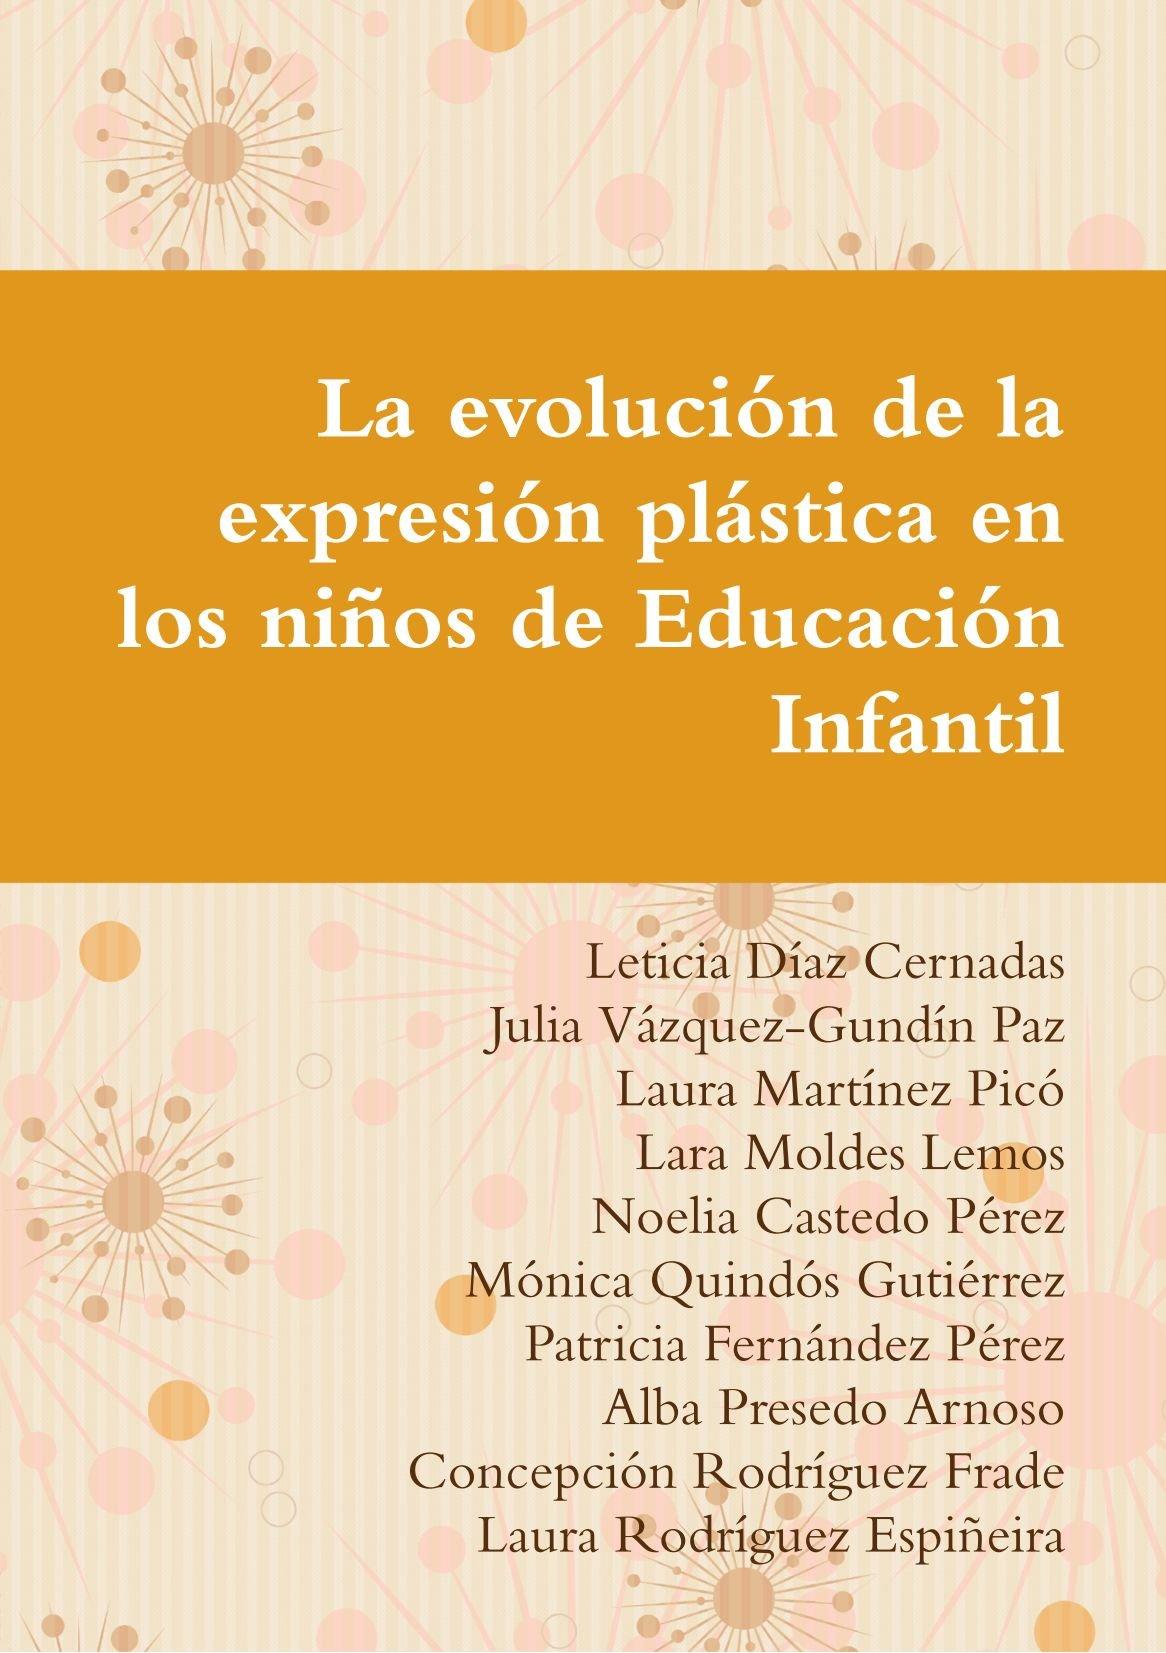 La evolución de la expresión plástica en los niños de Educación Infantil (Spanish Edition) (Spanish) Paperback – March 6, 2010